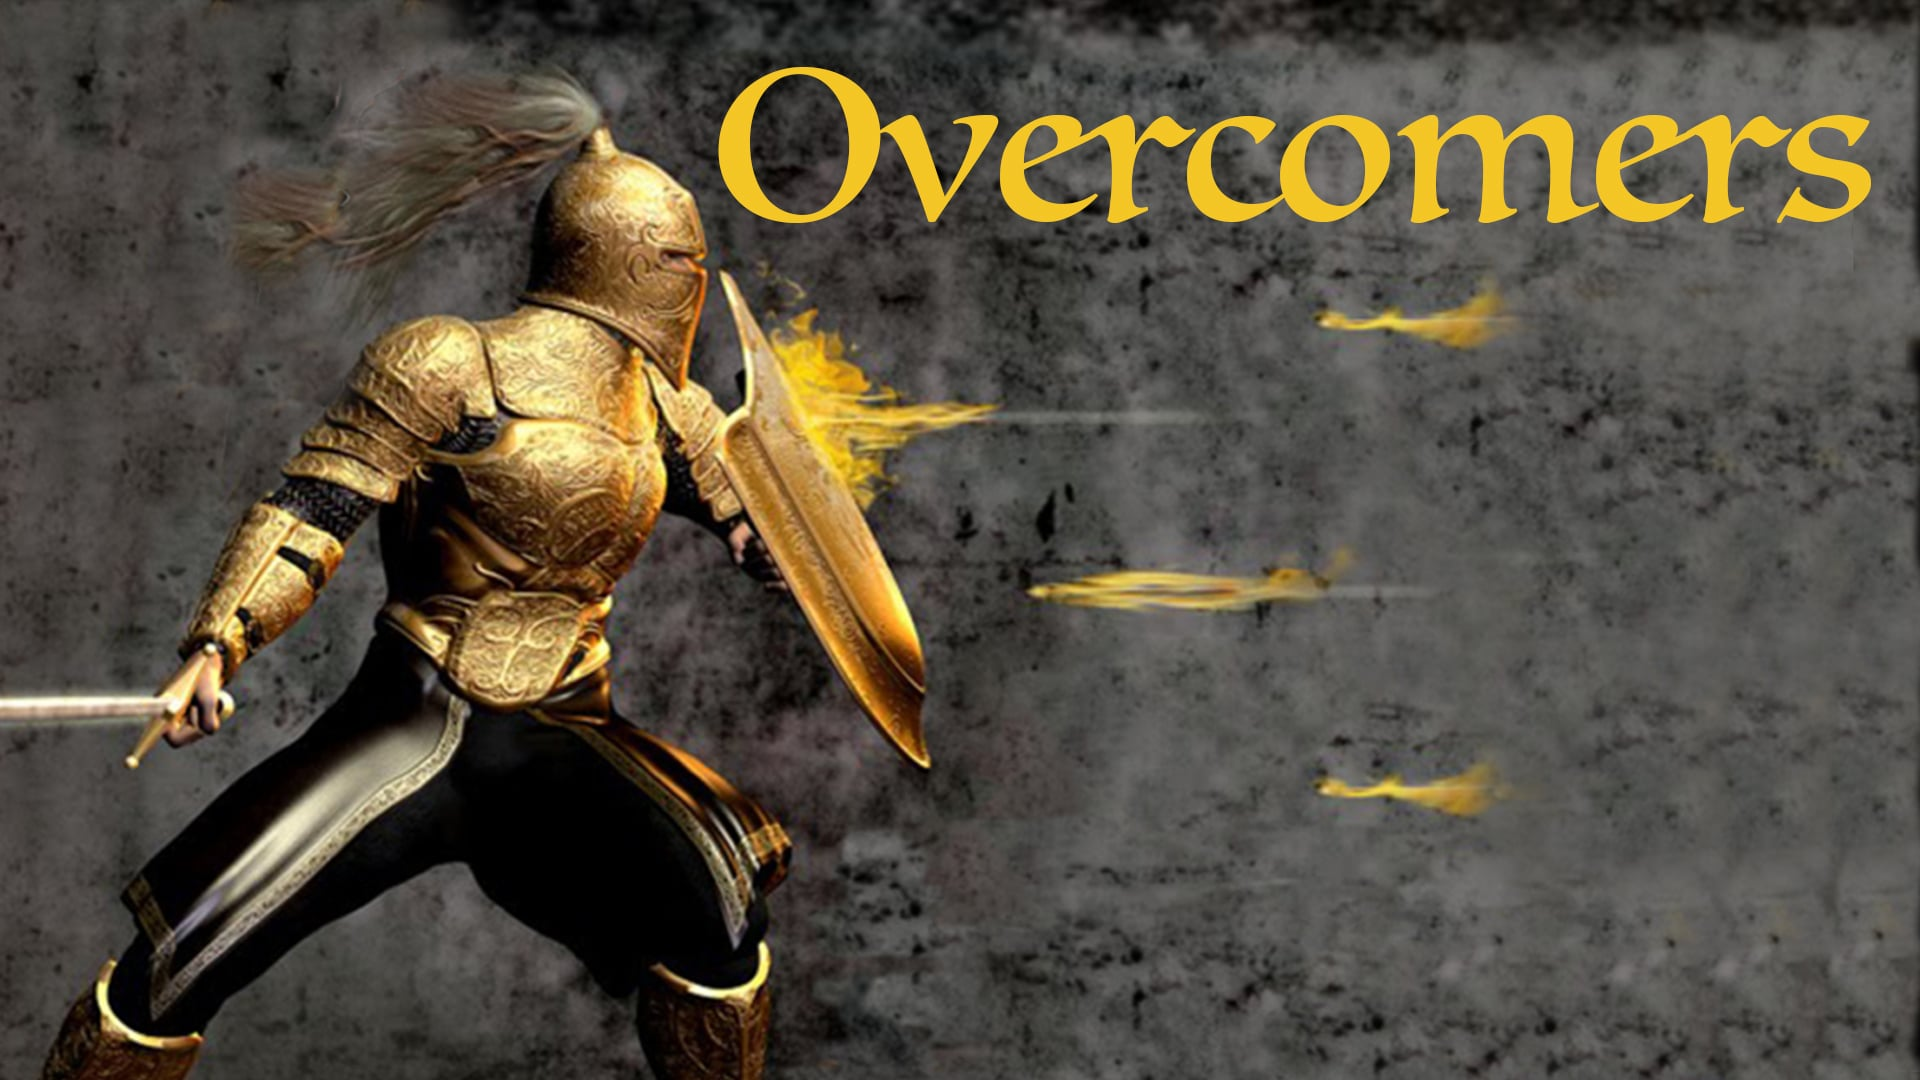 Overcomers - Part 6